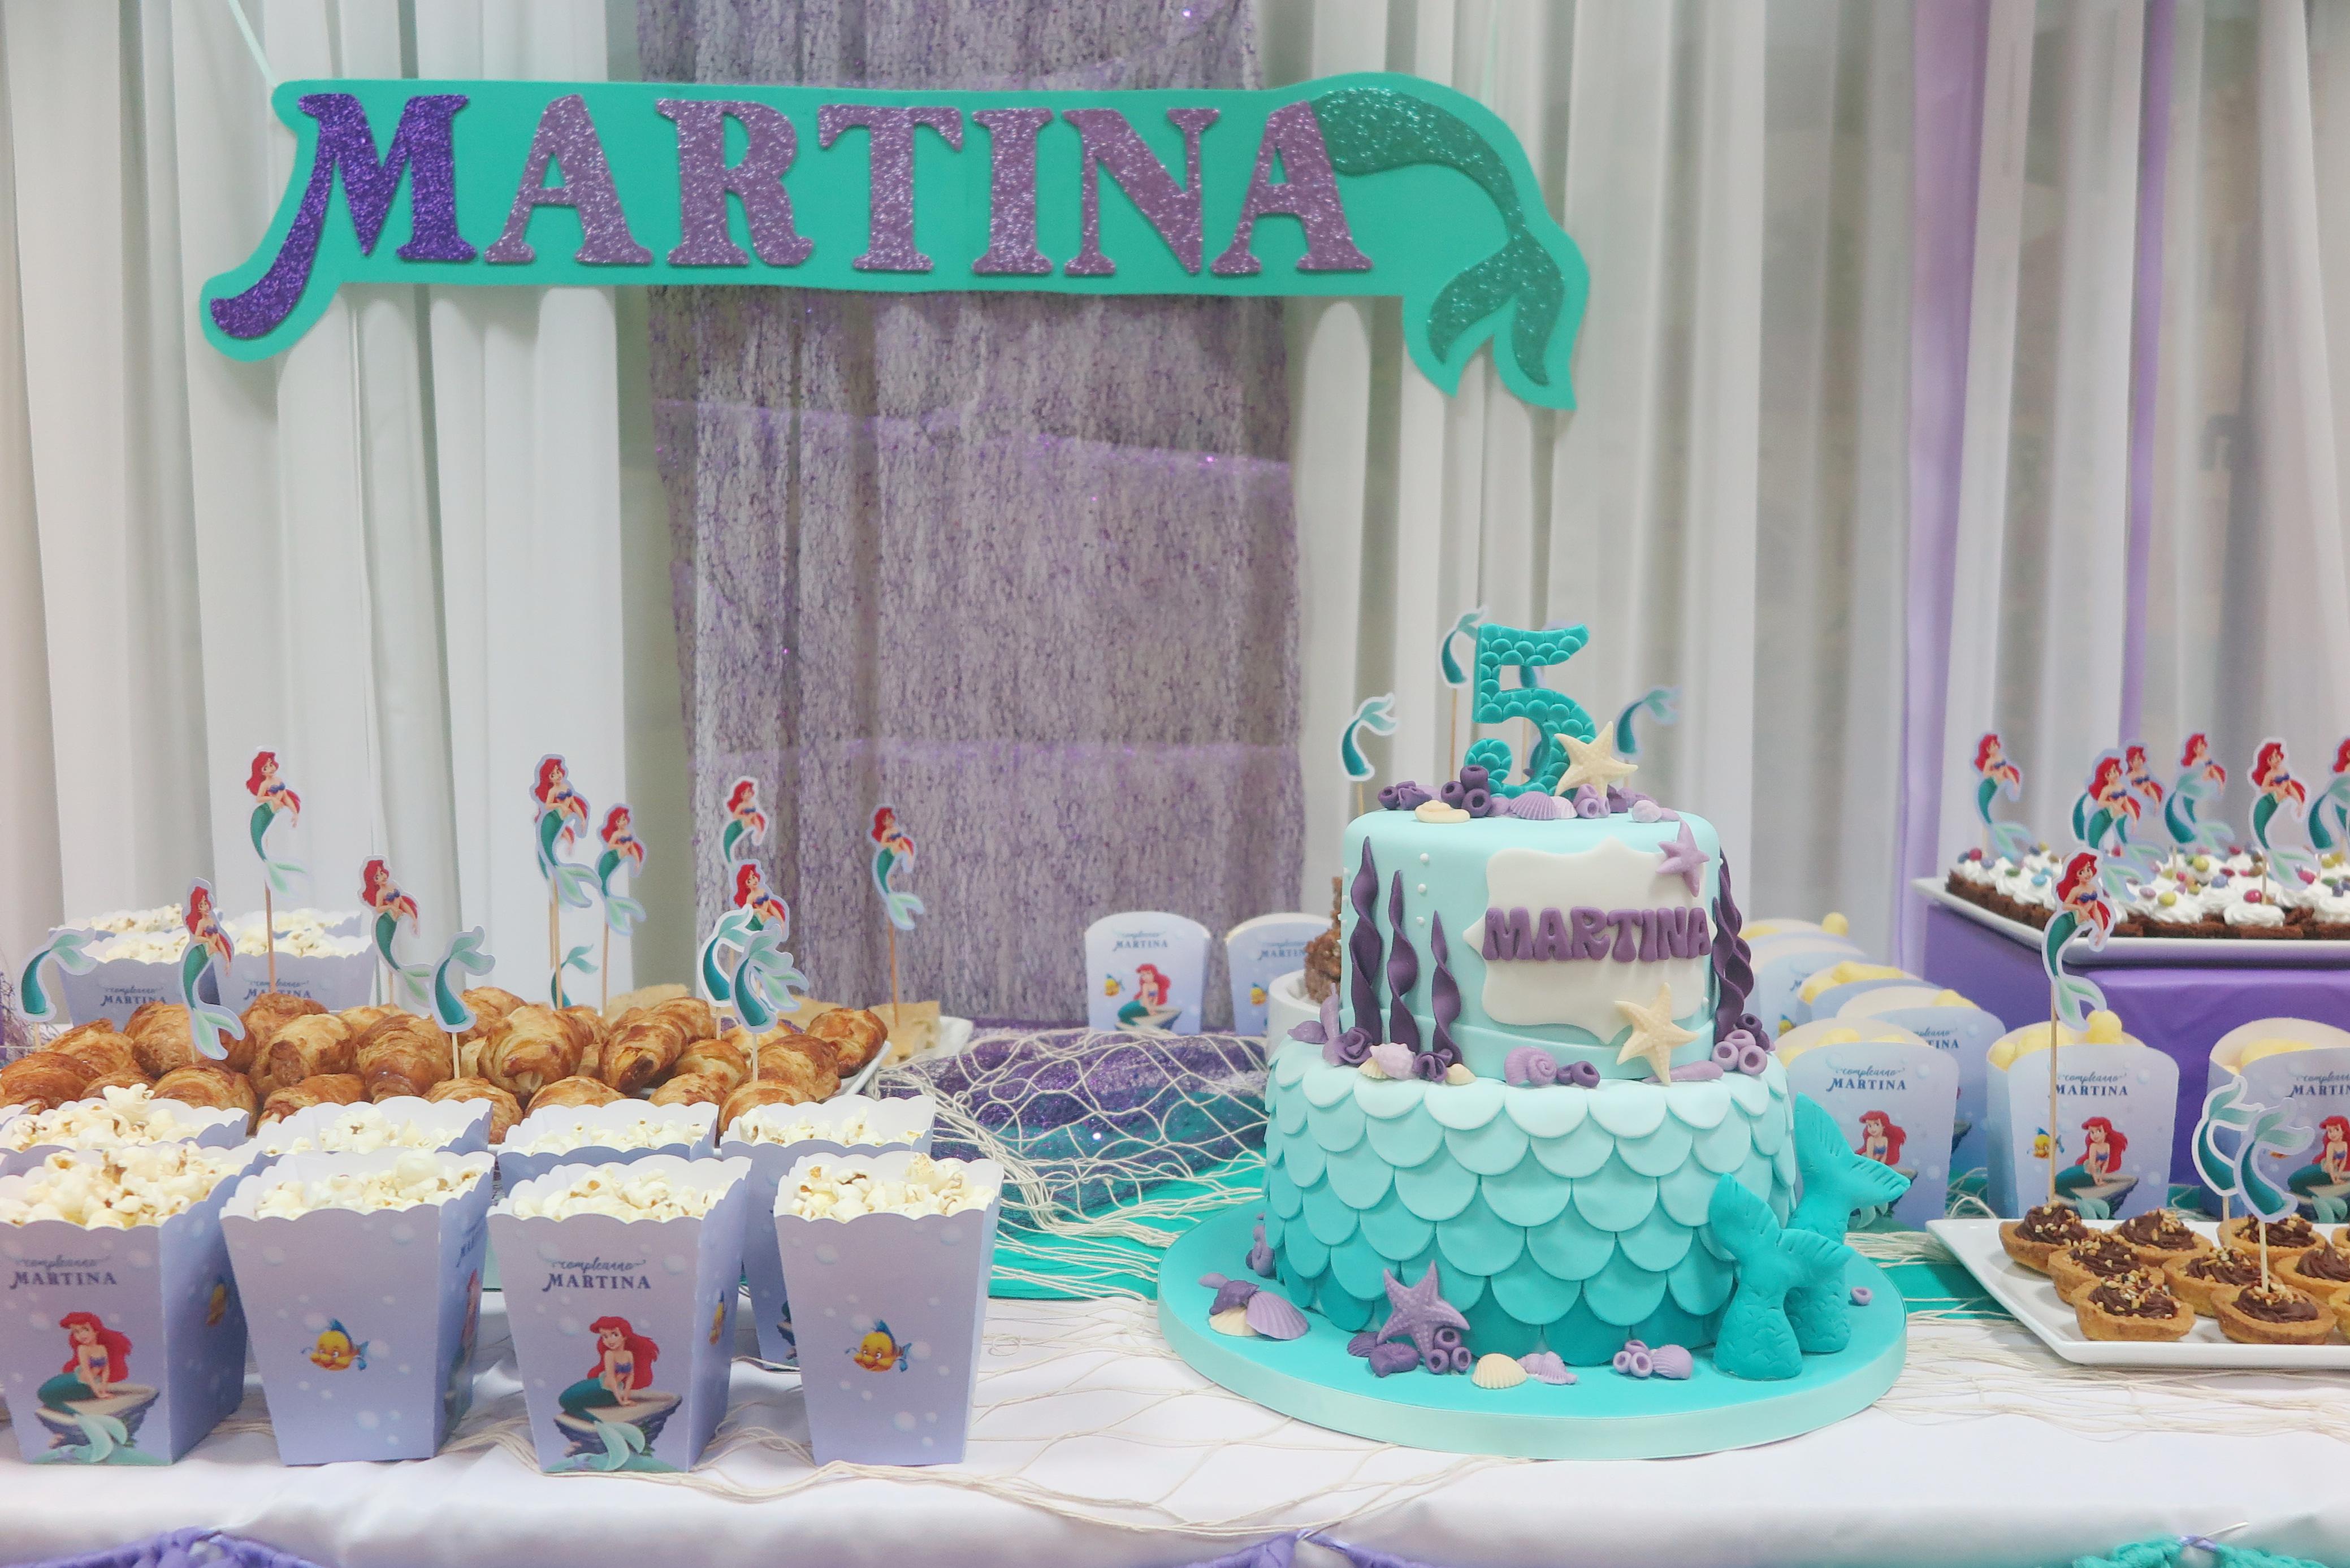 Compleanno Martina